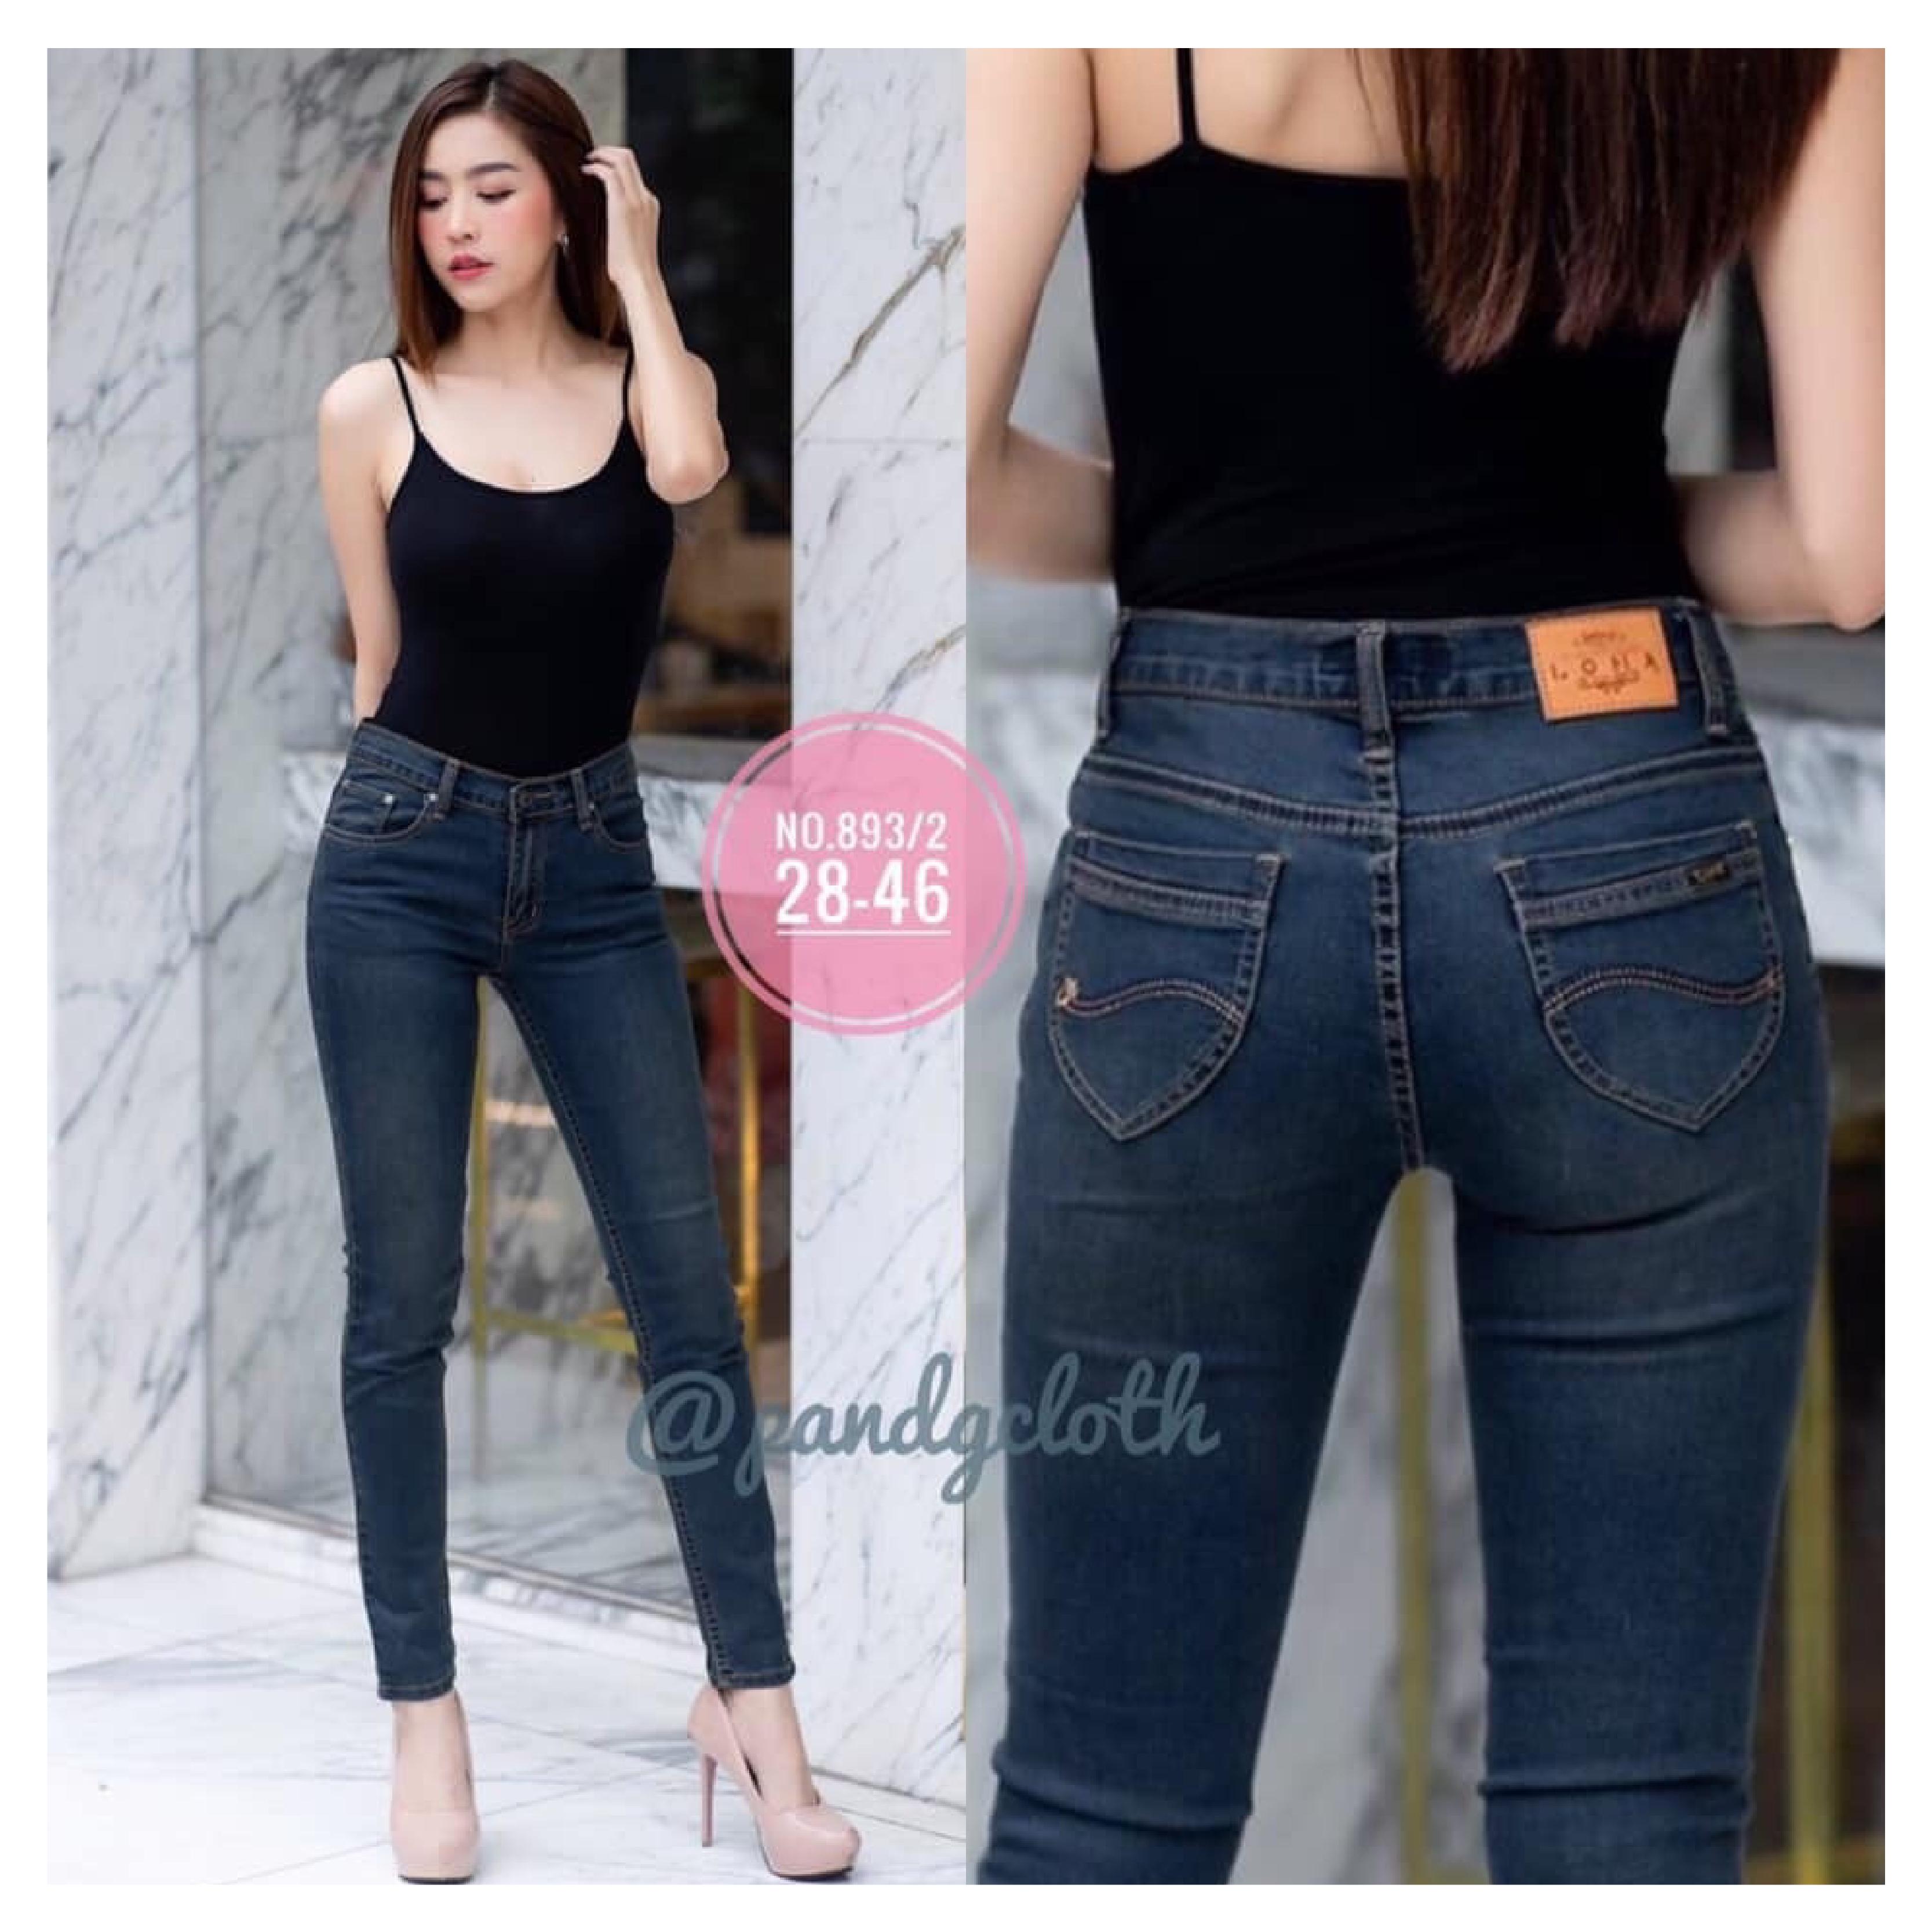 [[สินค้าขายดี]] กางเกงยีนส์เดฟยืดผู้หญิง เอวสูงกลางกำลังพอดี ยีนส์แฟชั่นผู้หญิง เนื้อผ้ายีนส์ยืดหยุ่นเก็บทรงสะโพกต้นขา Lona Jeans รุ่น893/2.